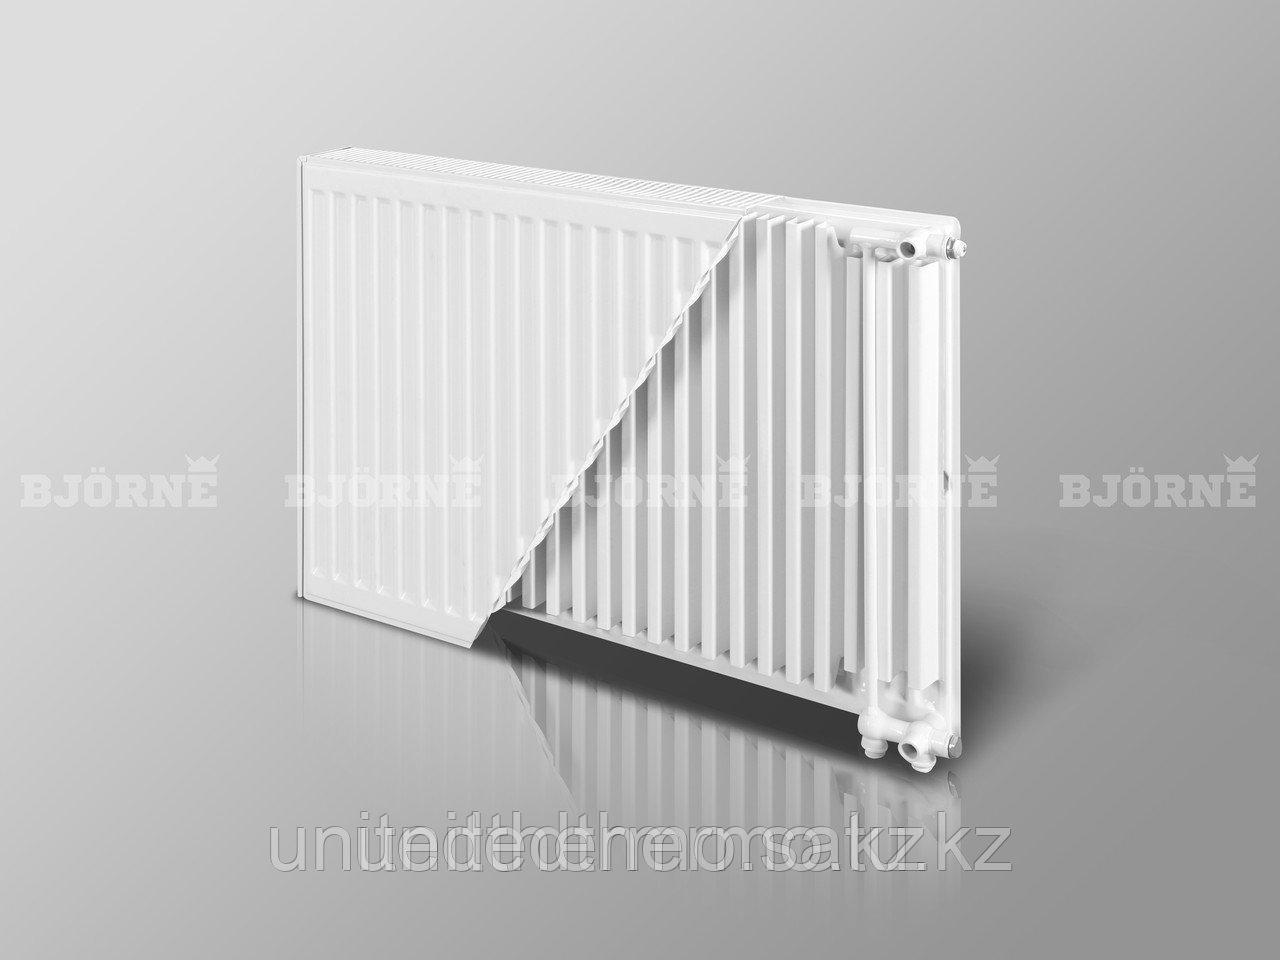 Стальной панельный радиатор Bjorne тип 22VK  H300мм*L800мм нижнее подключение